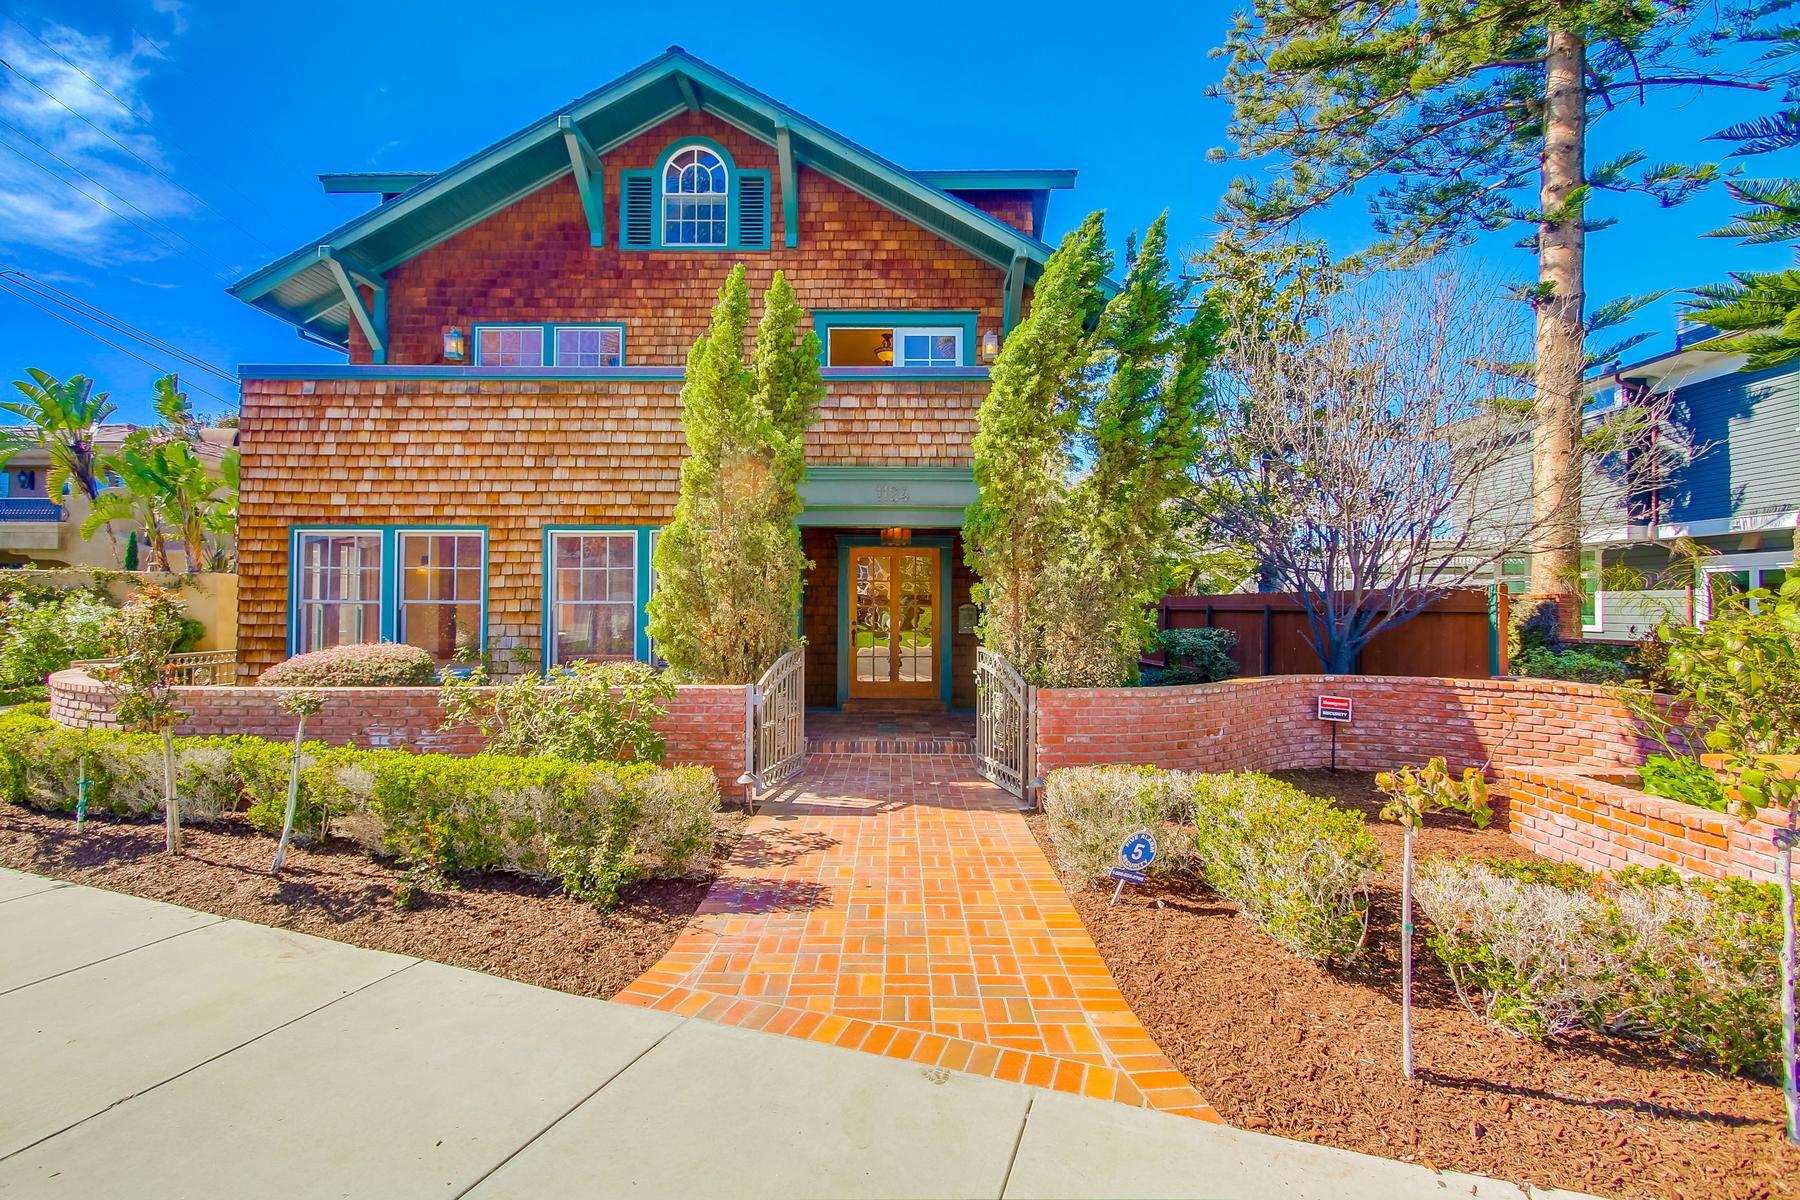 Villa per Vendita alle ore 1124 G Avenue Coronado, California 92118 Stati Uniti